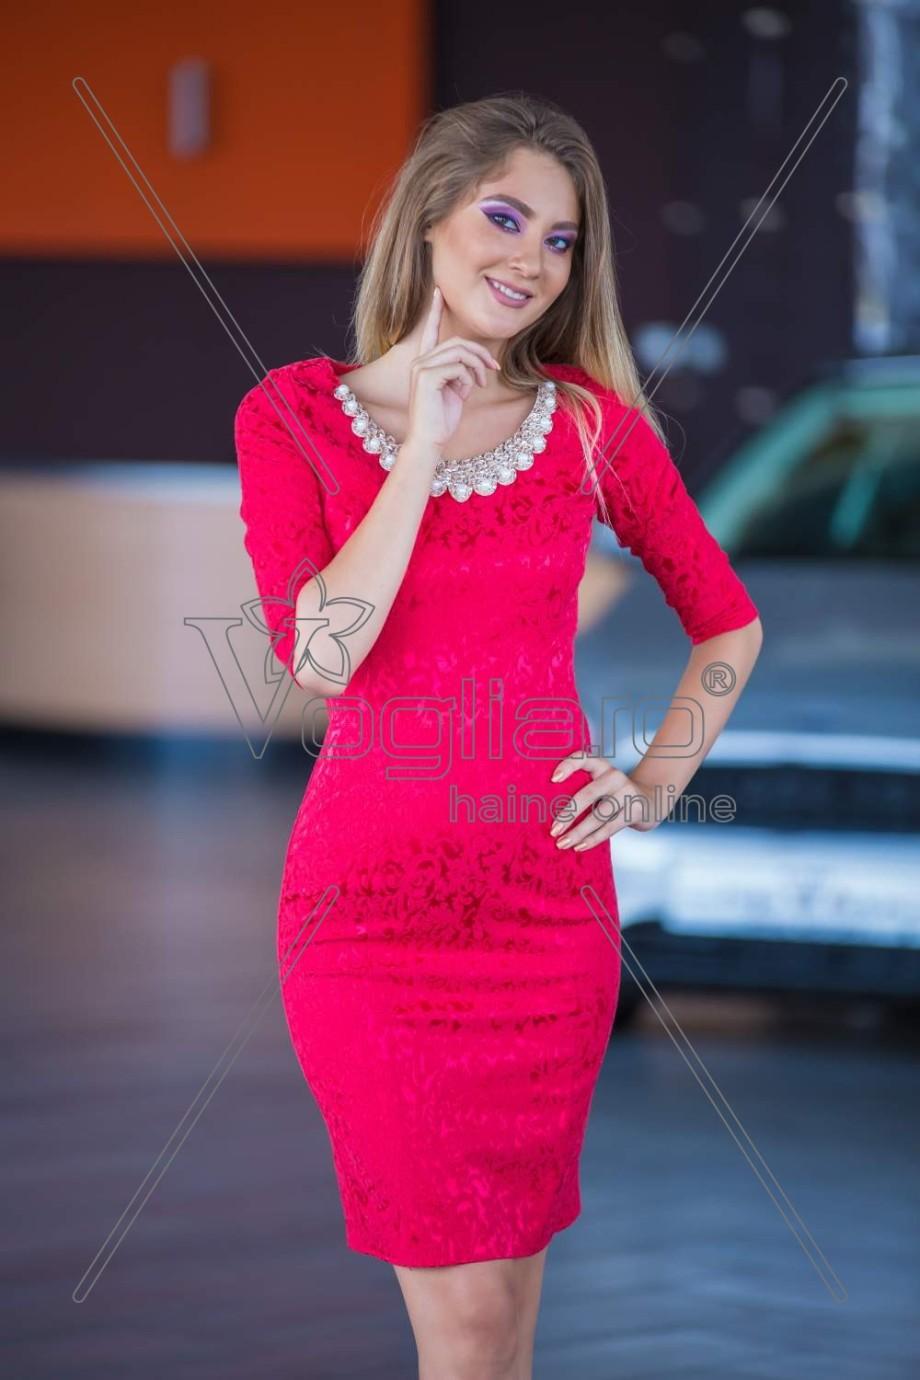 rochie-jacard-rosu-cu-accesorii-aurii-1503396798-4